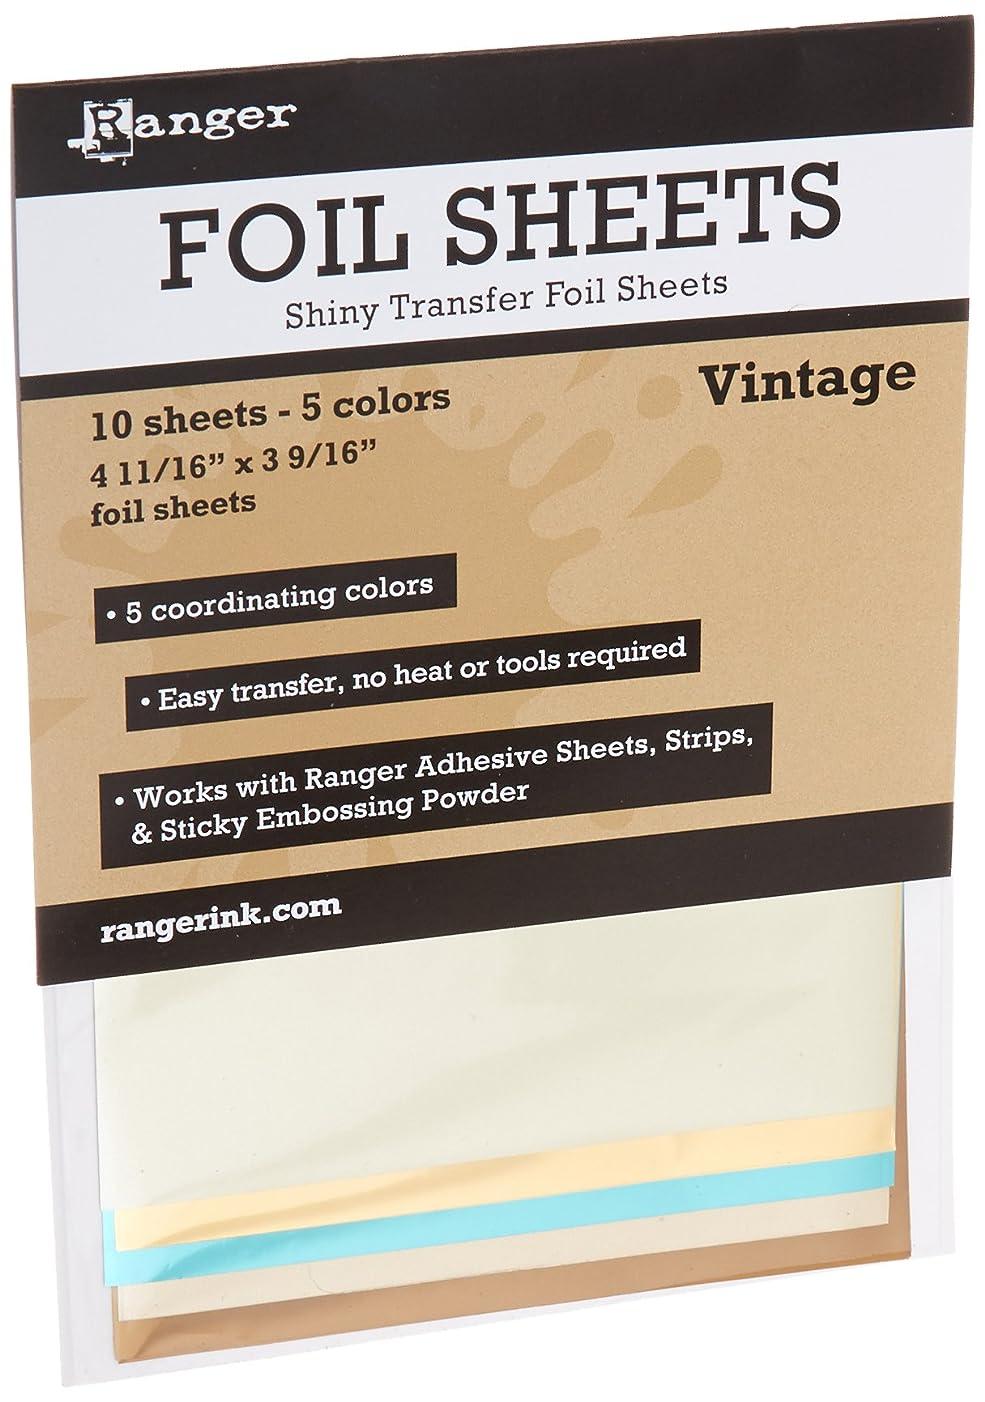 Vintage Foil Sheets (10 Sheets - 5 Colors)